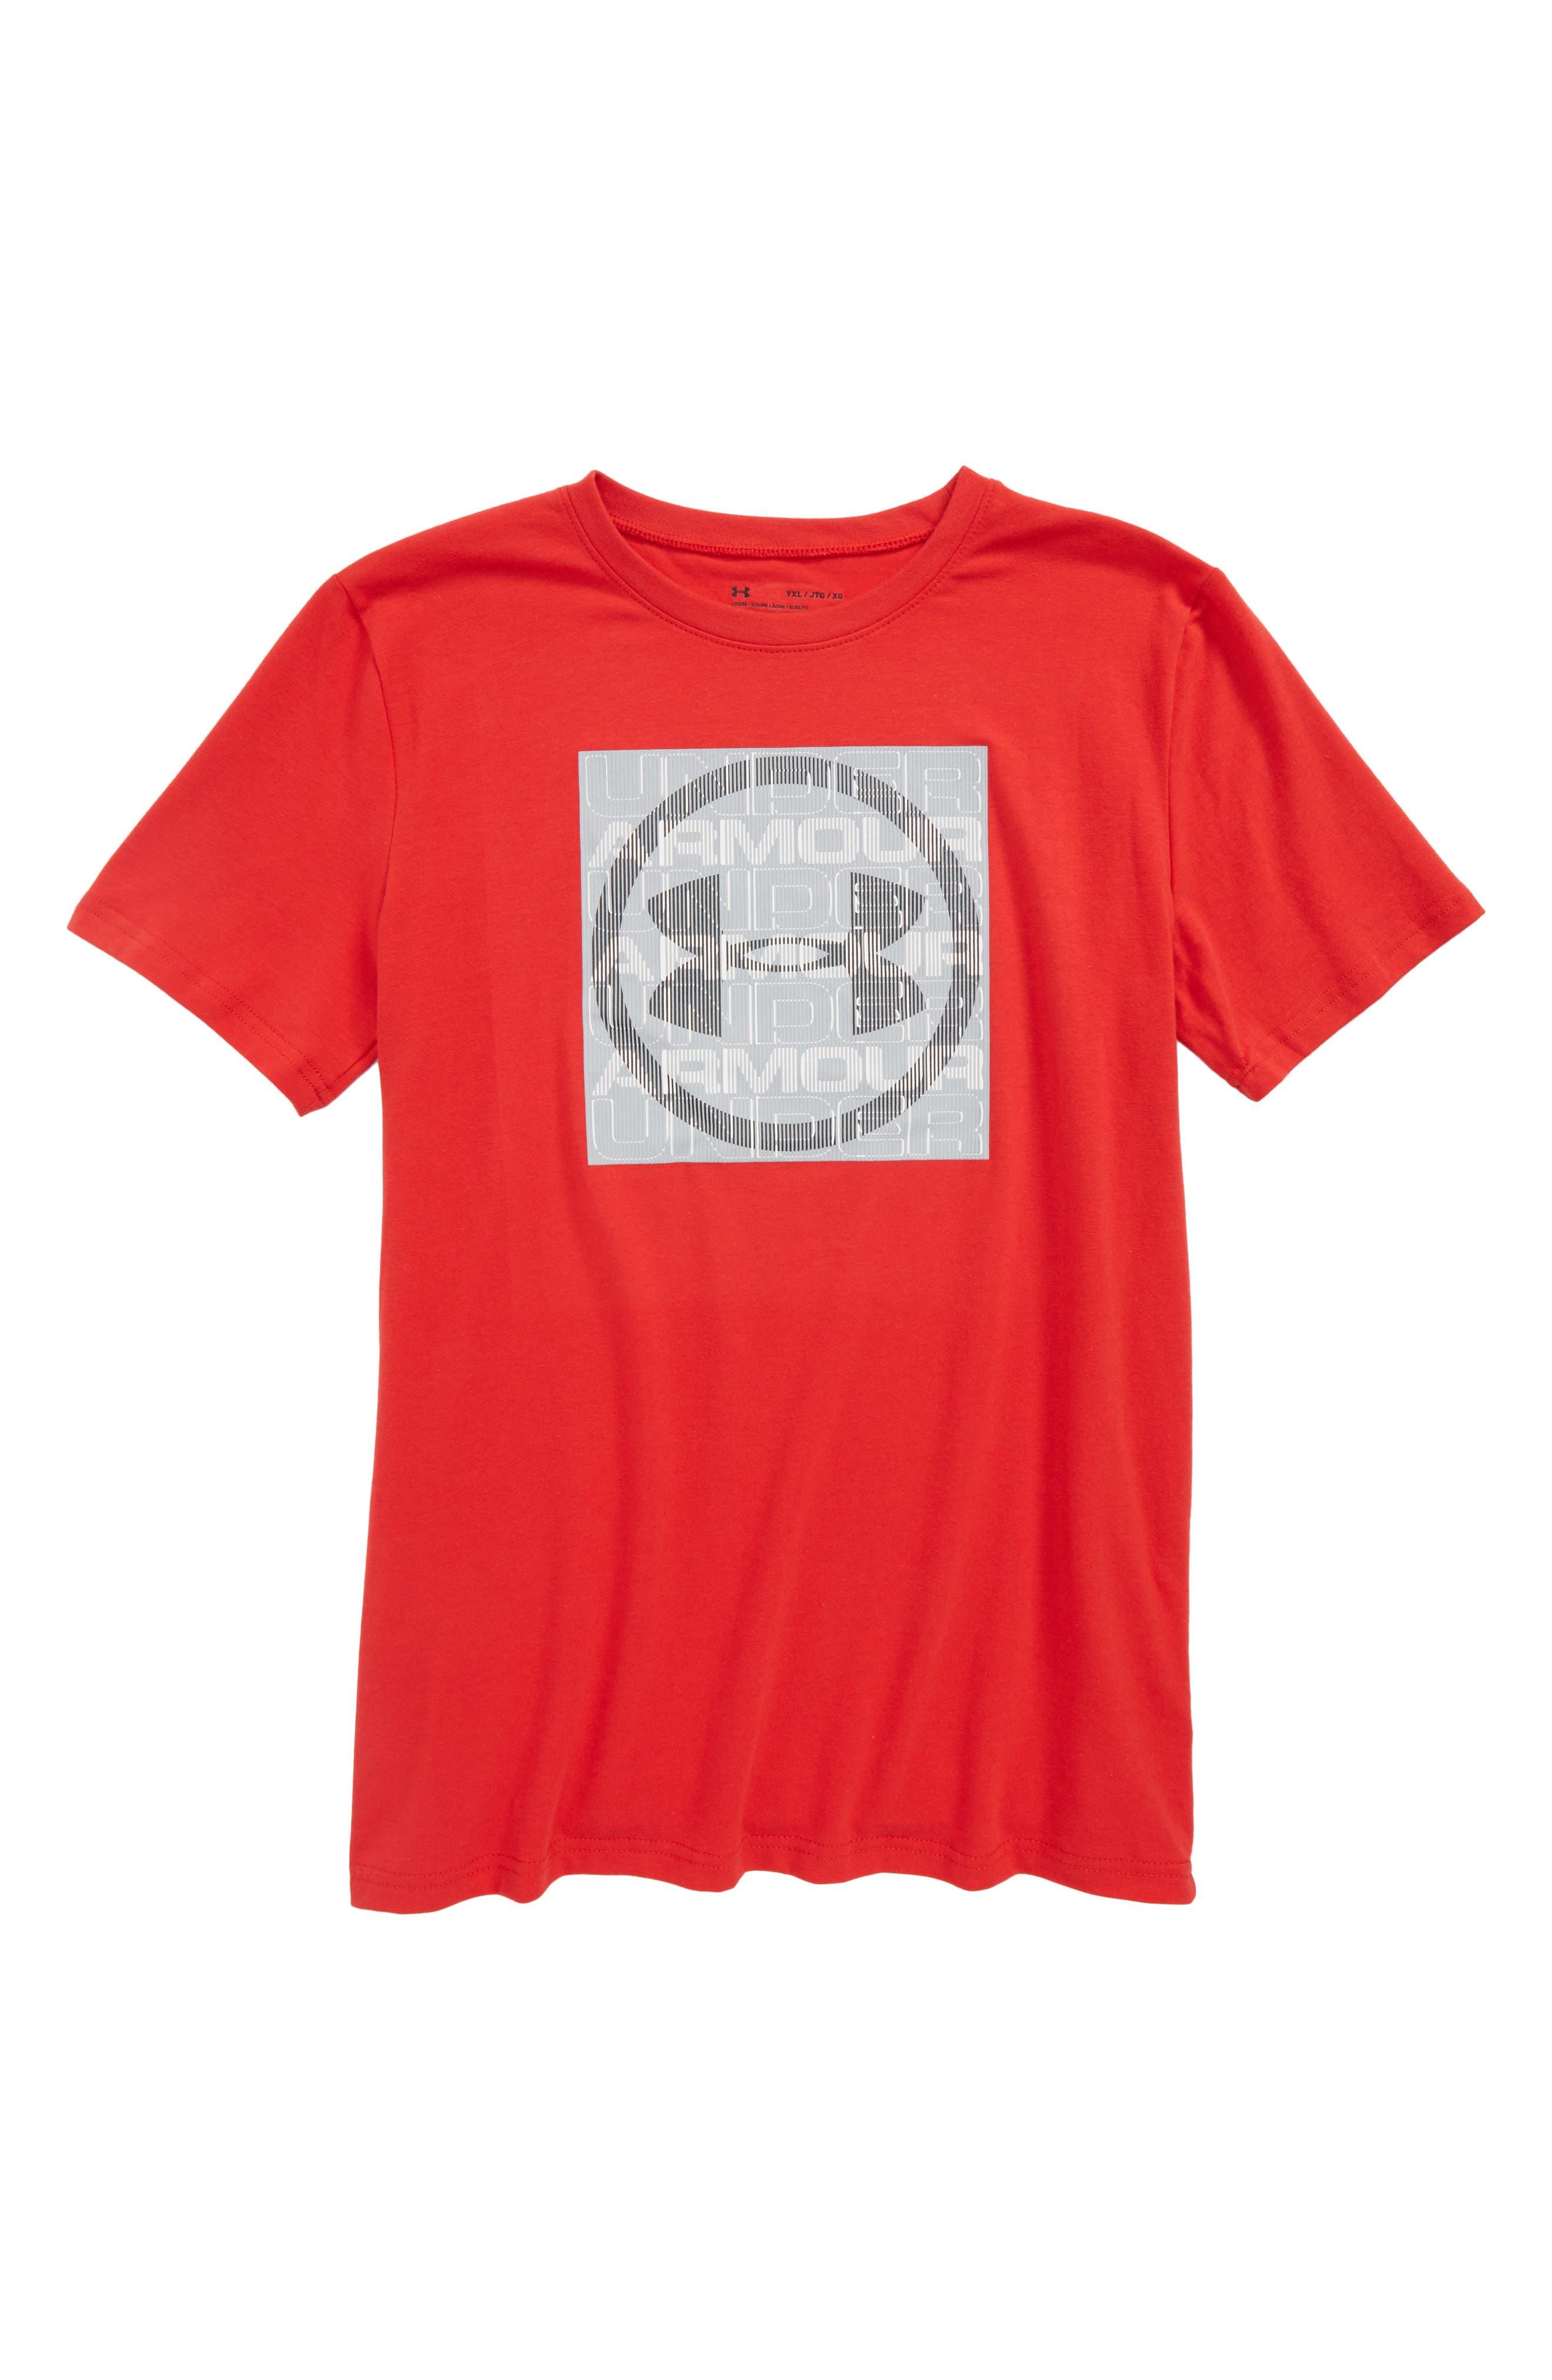 Under Armour Visualogo T-Shirt (Big Boys)